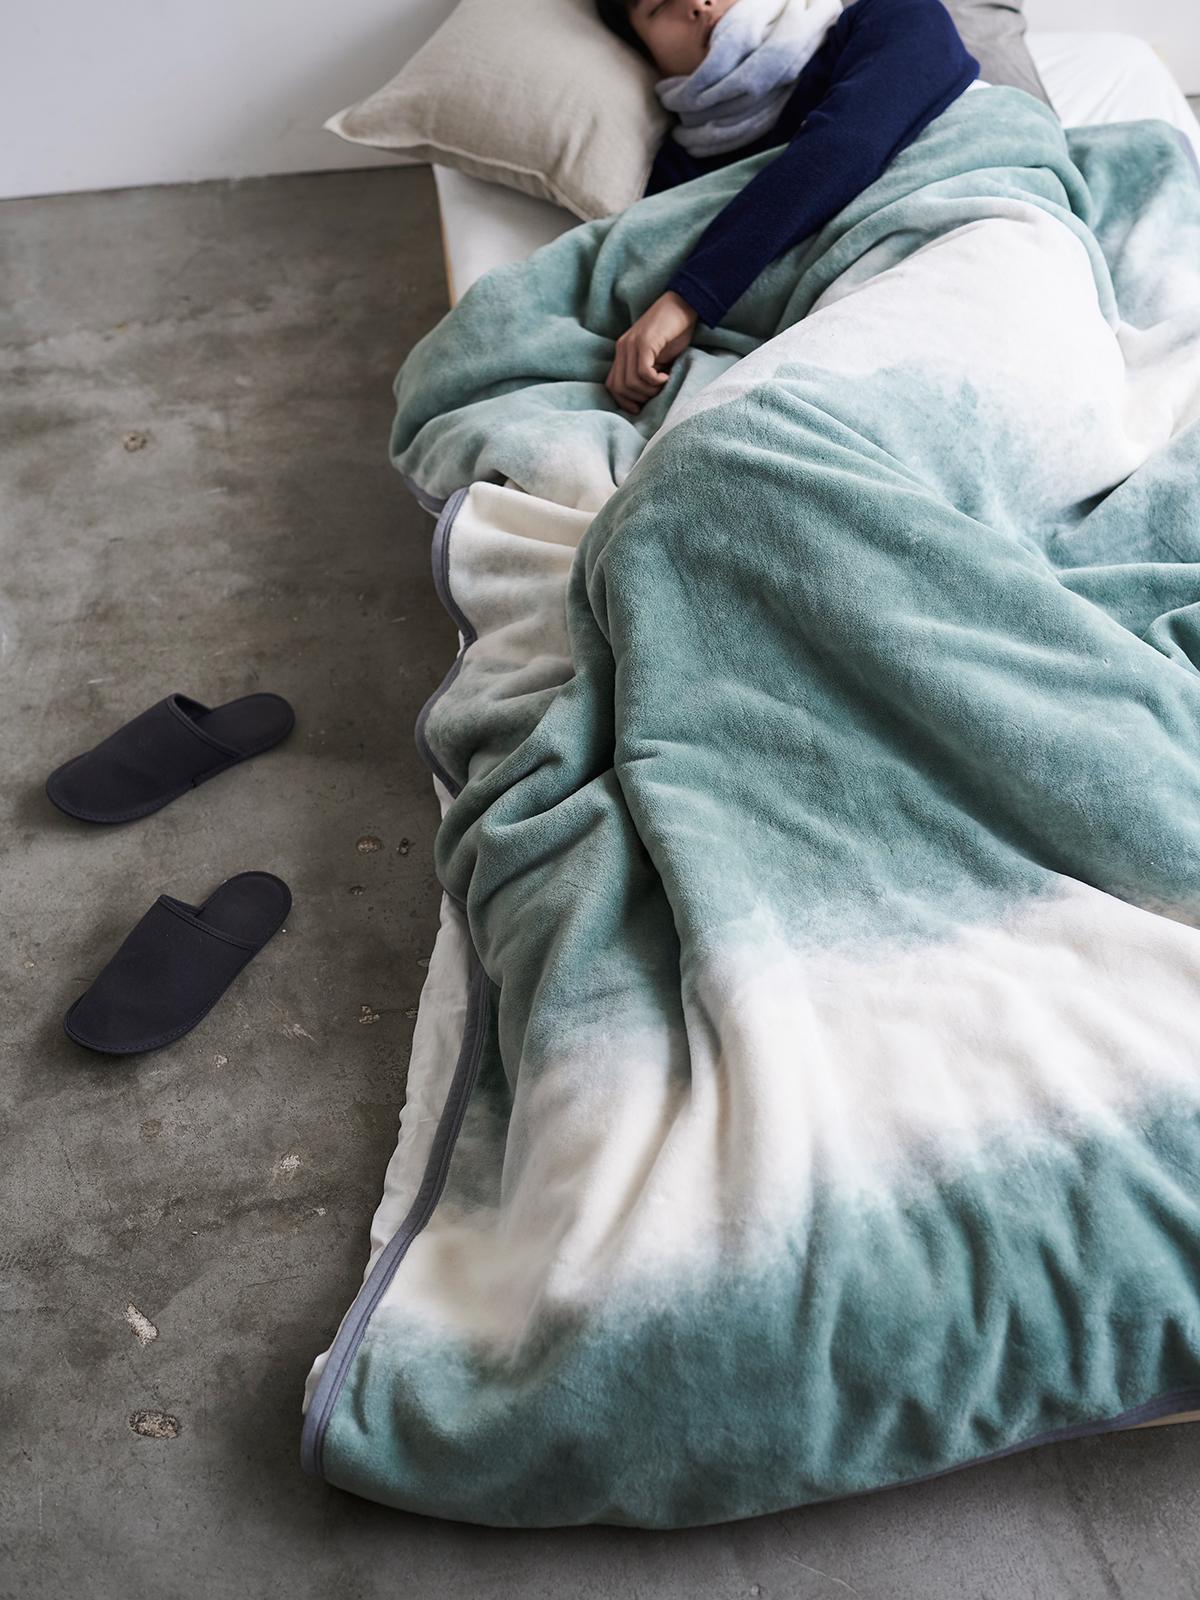 空間を洗練させる自然光の表現。寝室の空間をセンスよくお洒落でスタイリッシュにしてくれる。肌触りと寝心地の良さで夏も冬も気持ちいい!ニューマイヤー織の綿毛布|FLOOD OF LIGHT(フルード オブ ライト、光の洪水)|LOOM&SPOOL